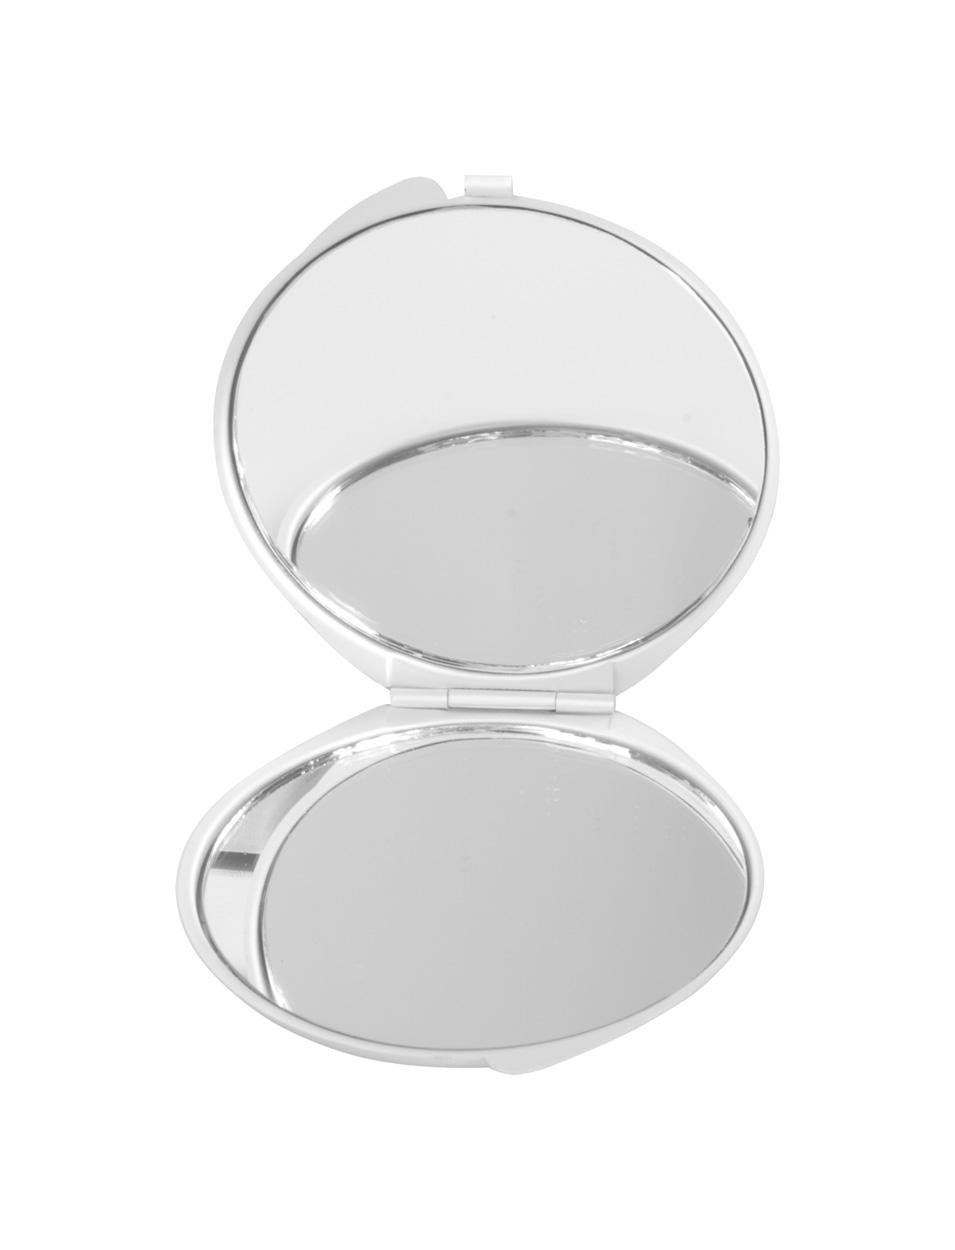 Gill specchio tascabile